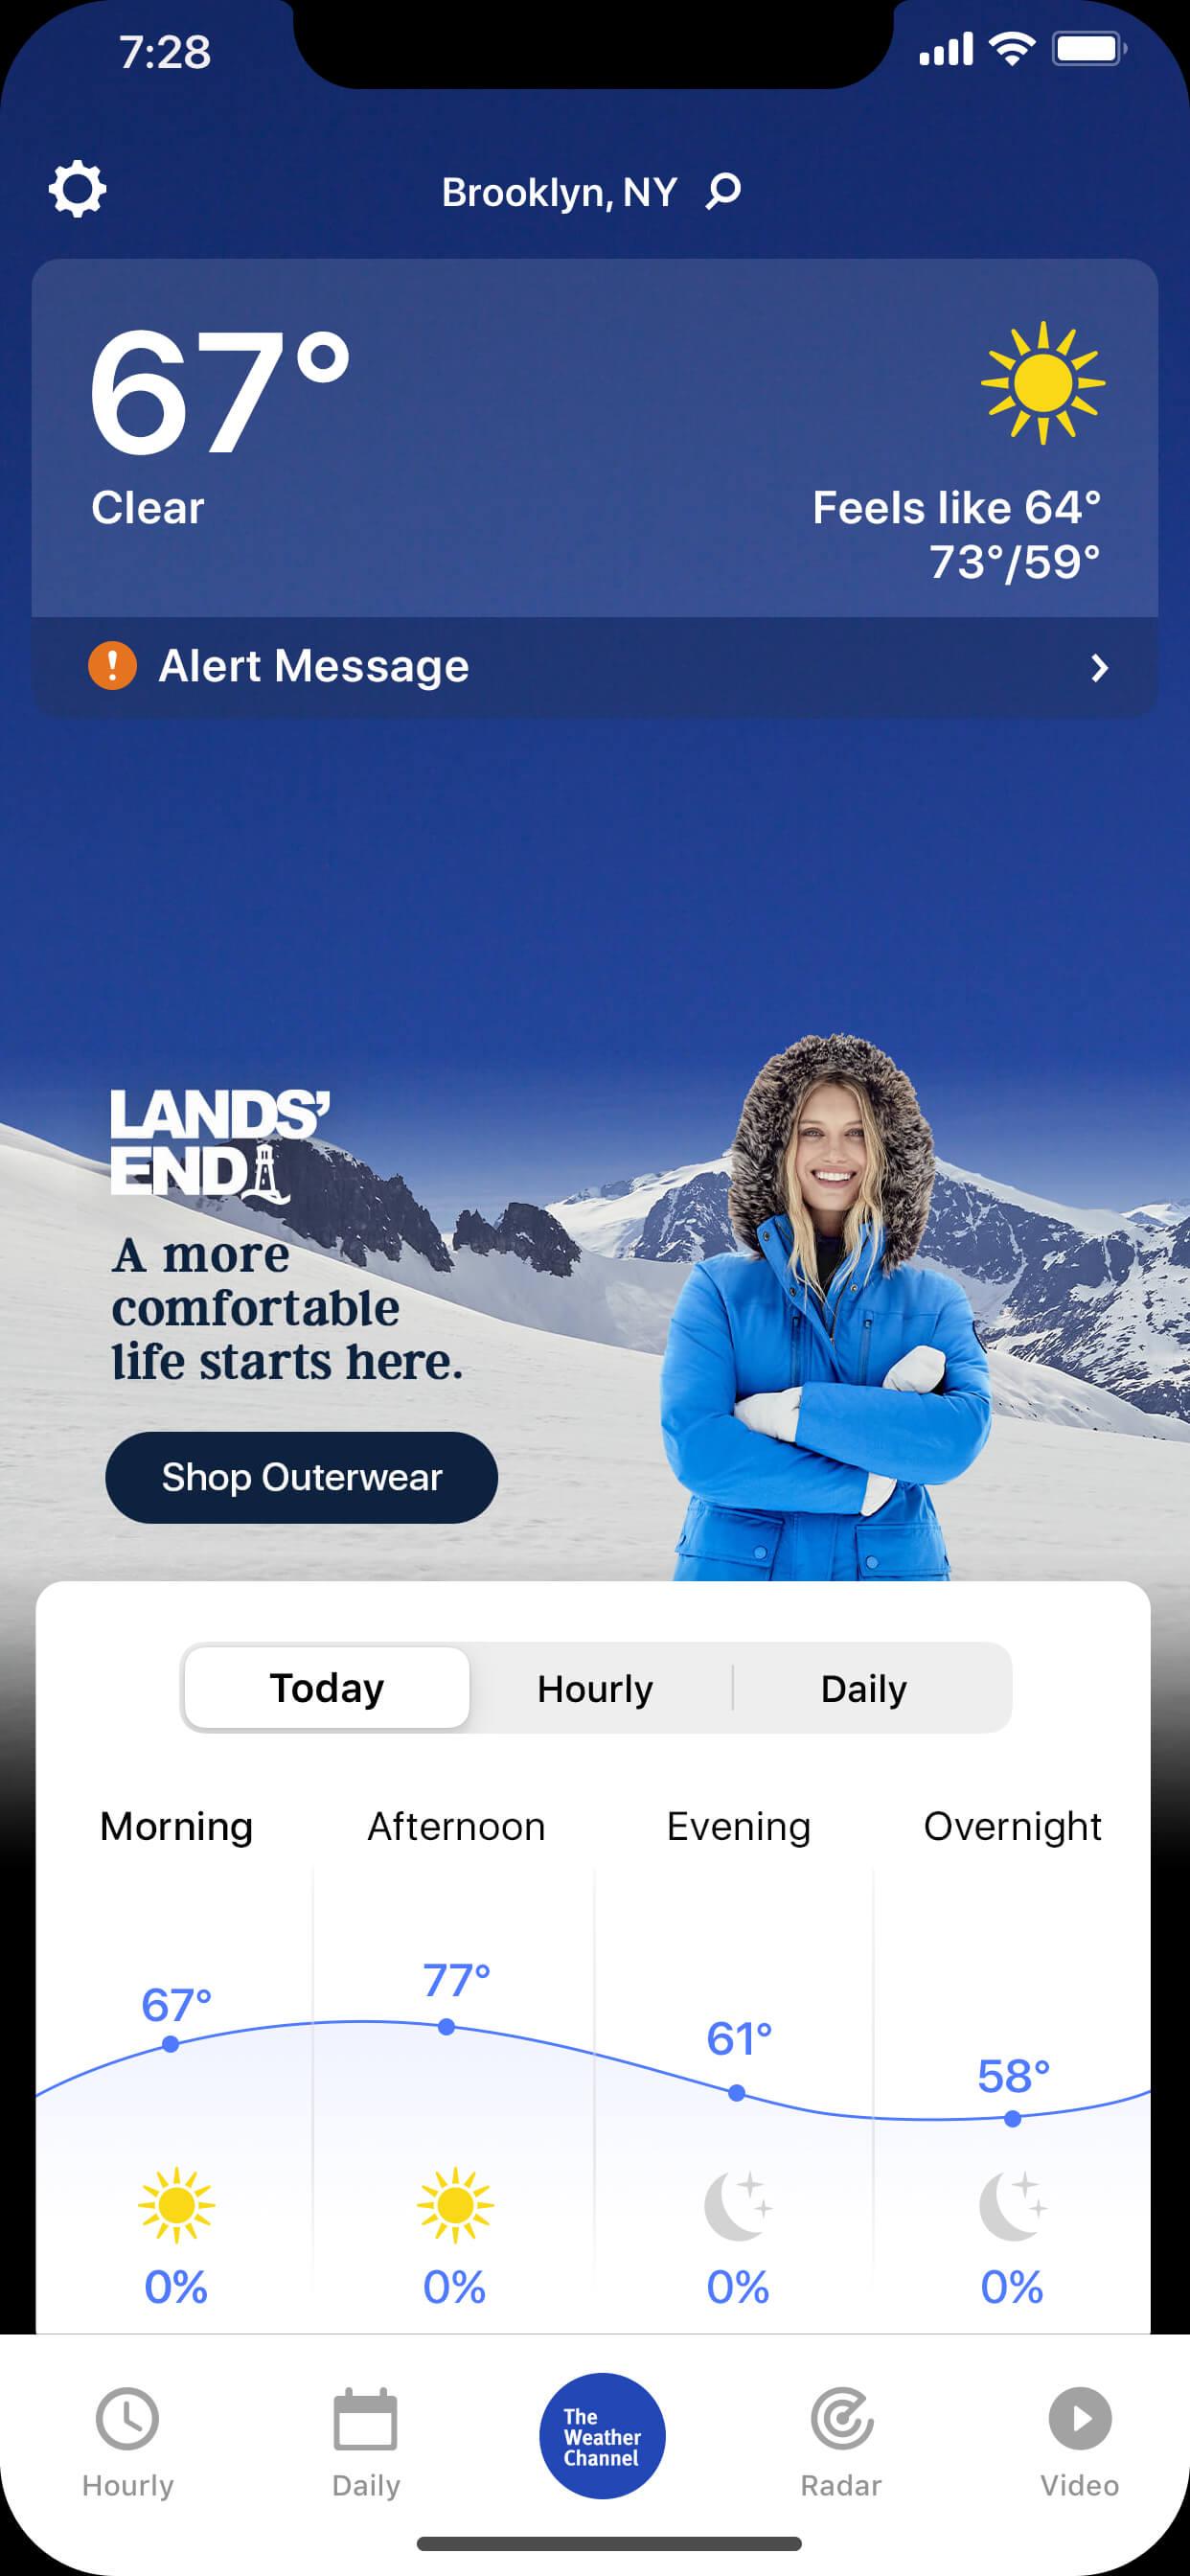 Lands'End_Mobile_App-IM_NextGen-Mock__clear_day